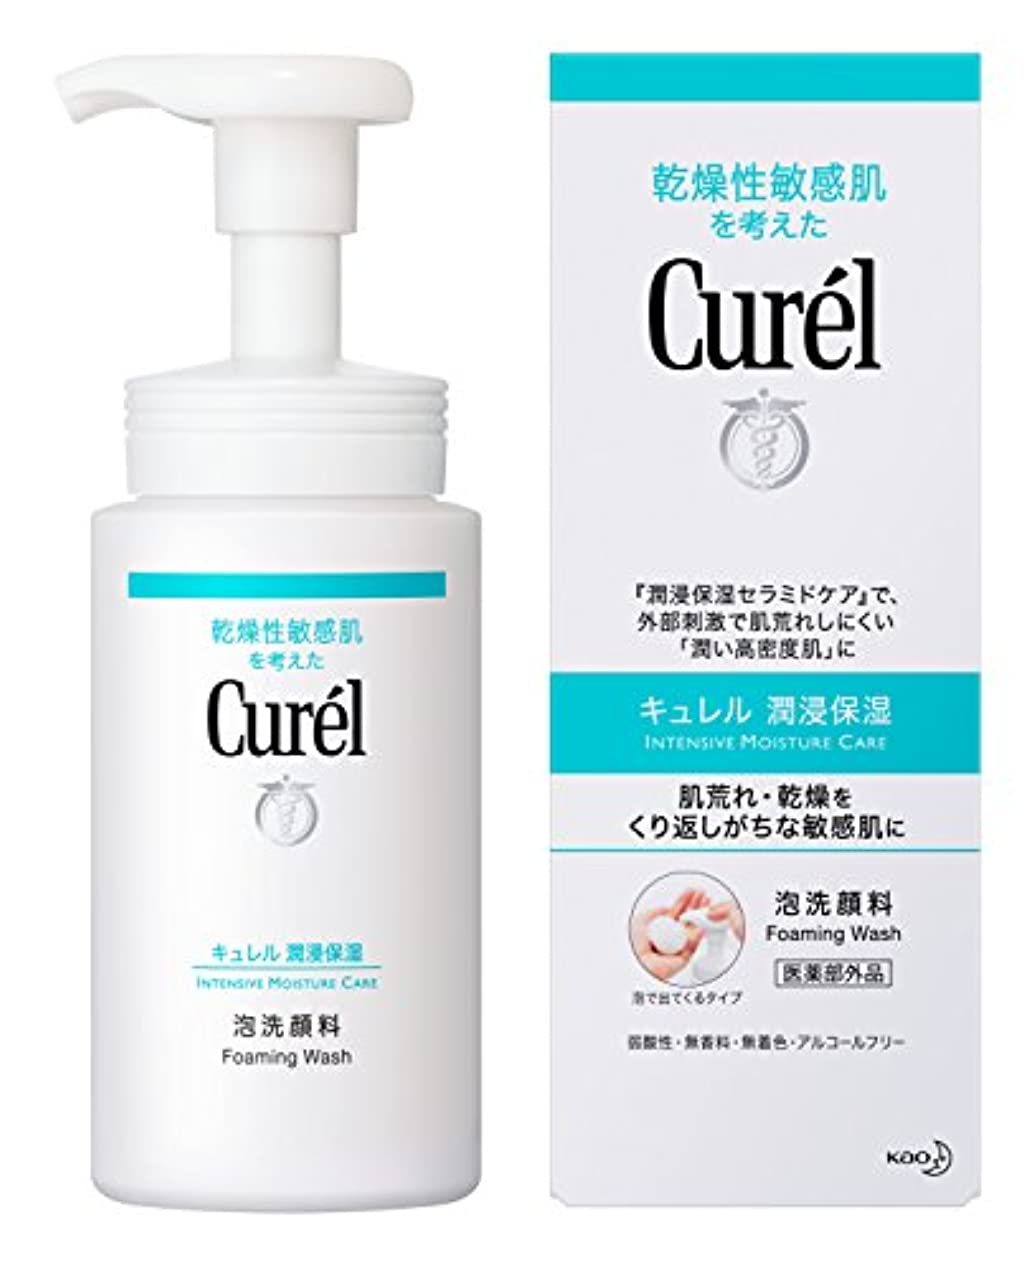 ハプニング誠意詳細なキュレル 泡洗顔料 150ml